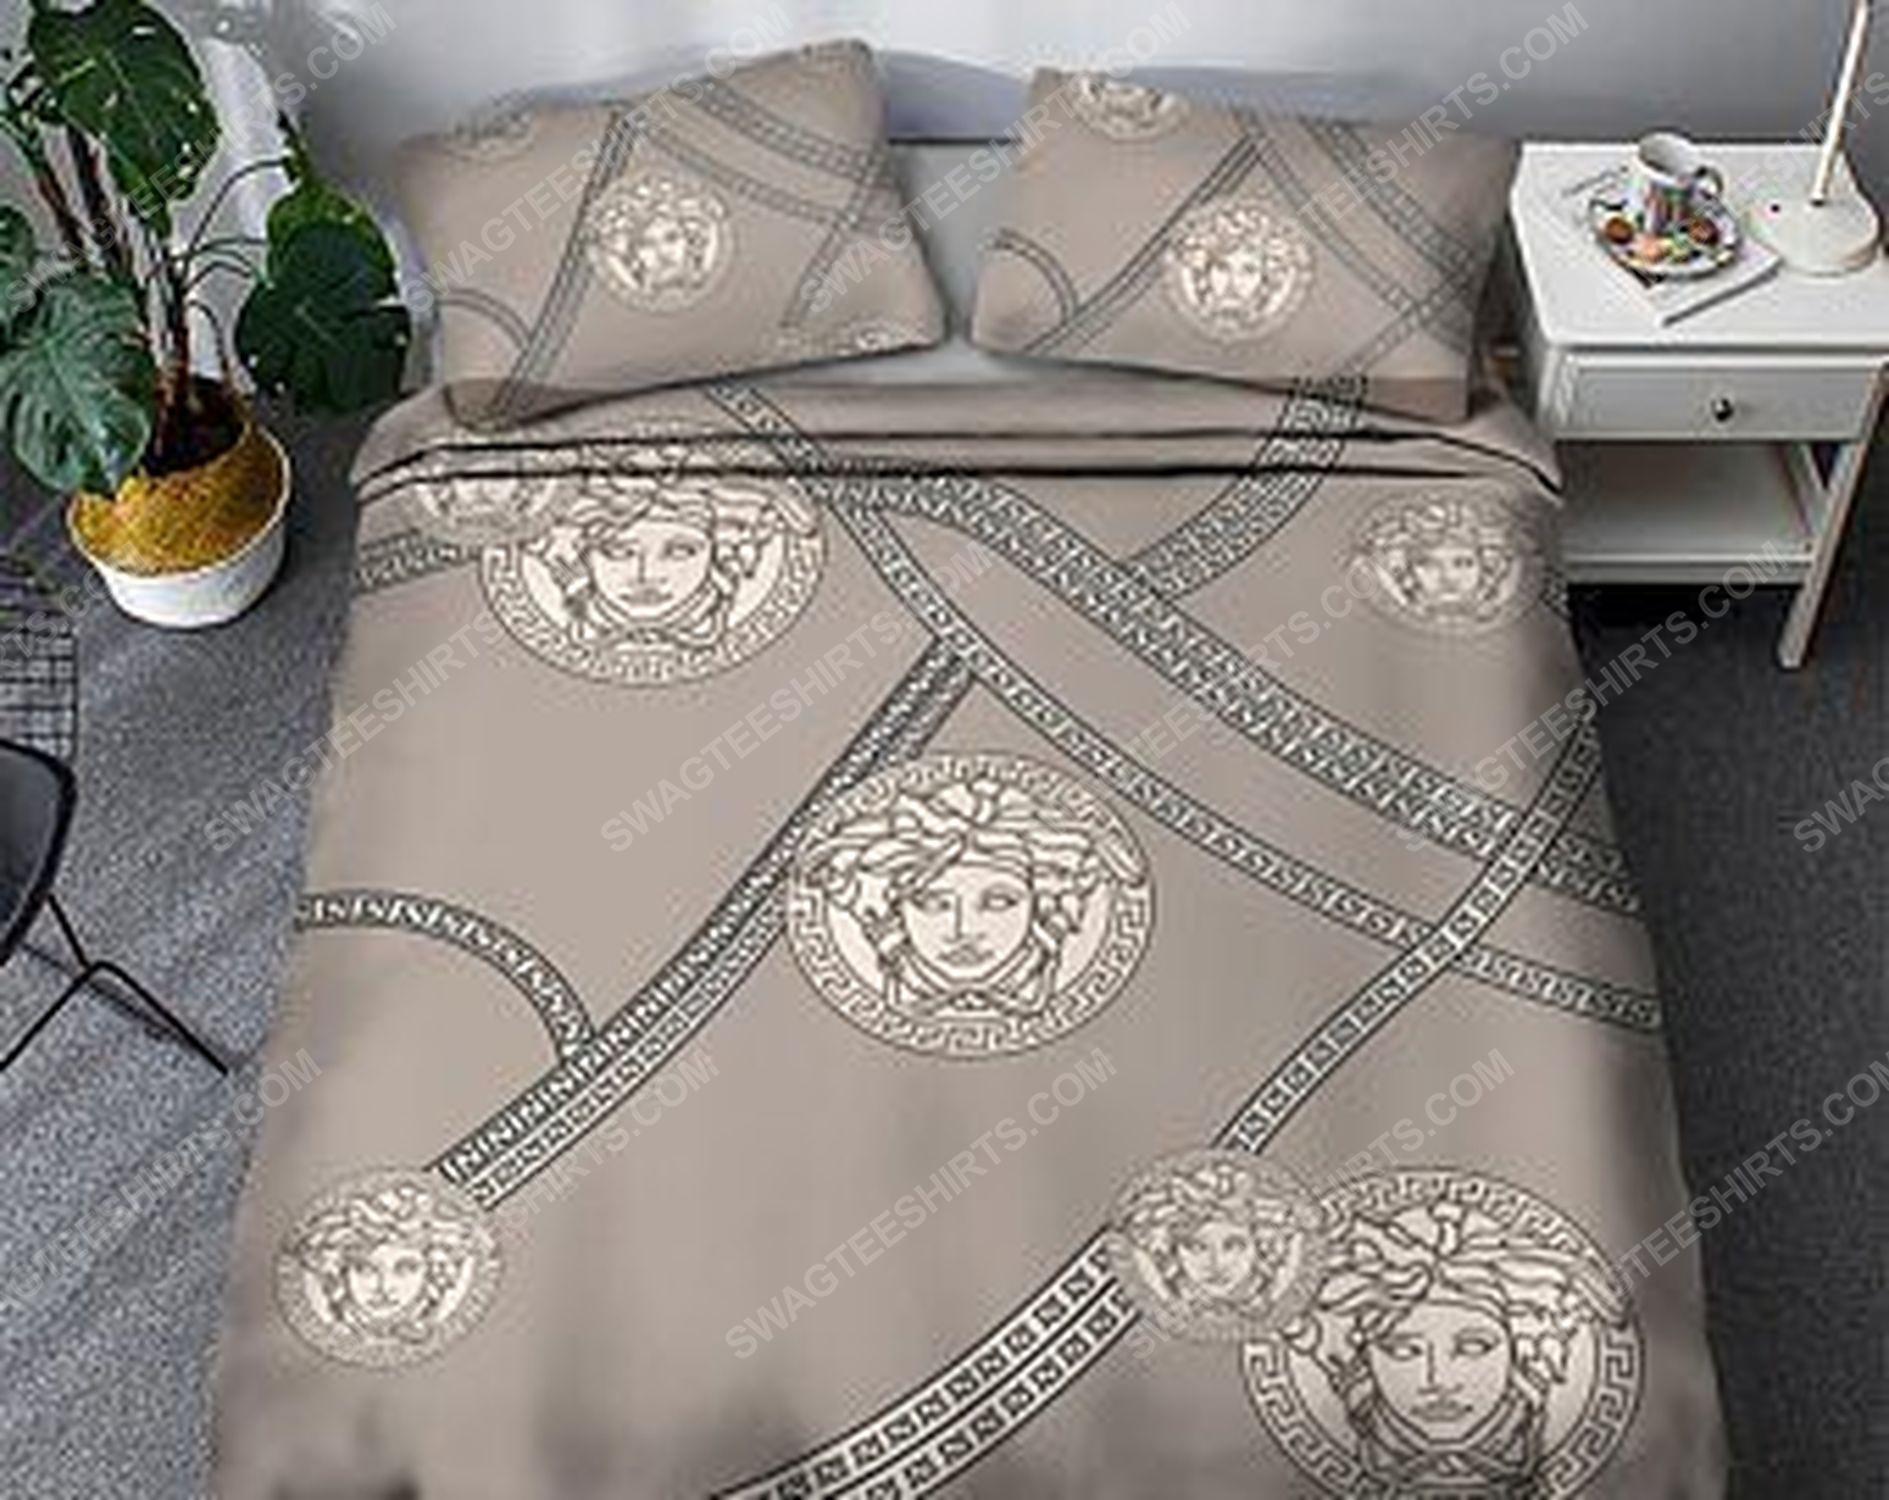 Versace luxury version full print duvet cover bedding set 3